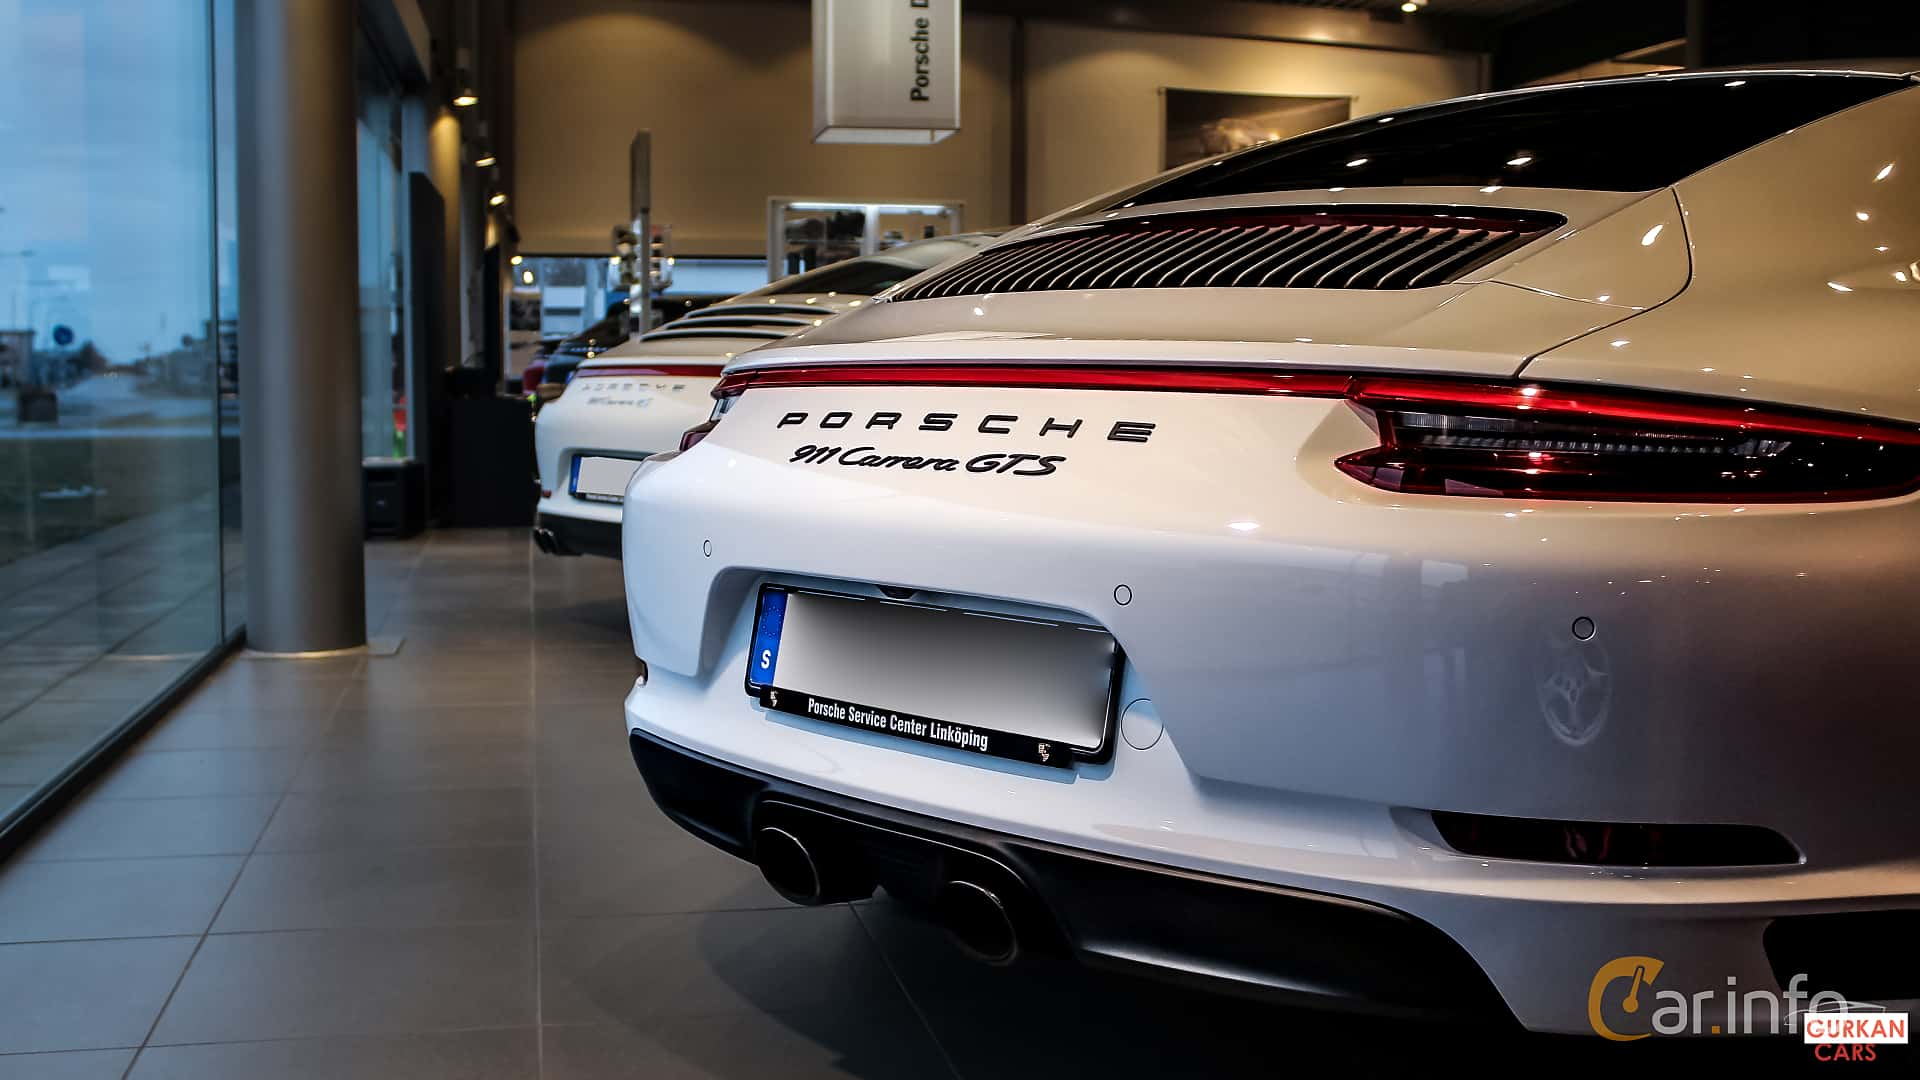 Närbild av Porsche 911 Carrera GTS 3.0 H6 450ps, 2017